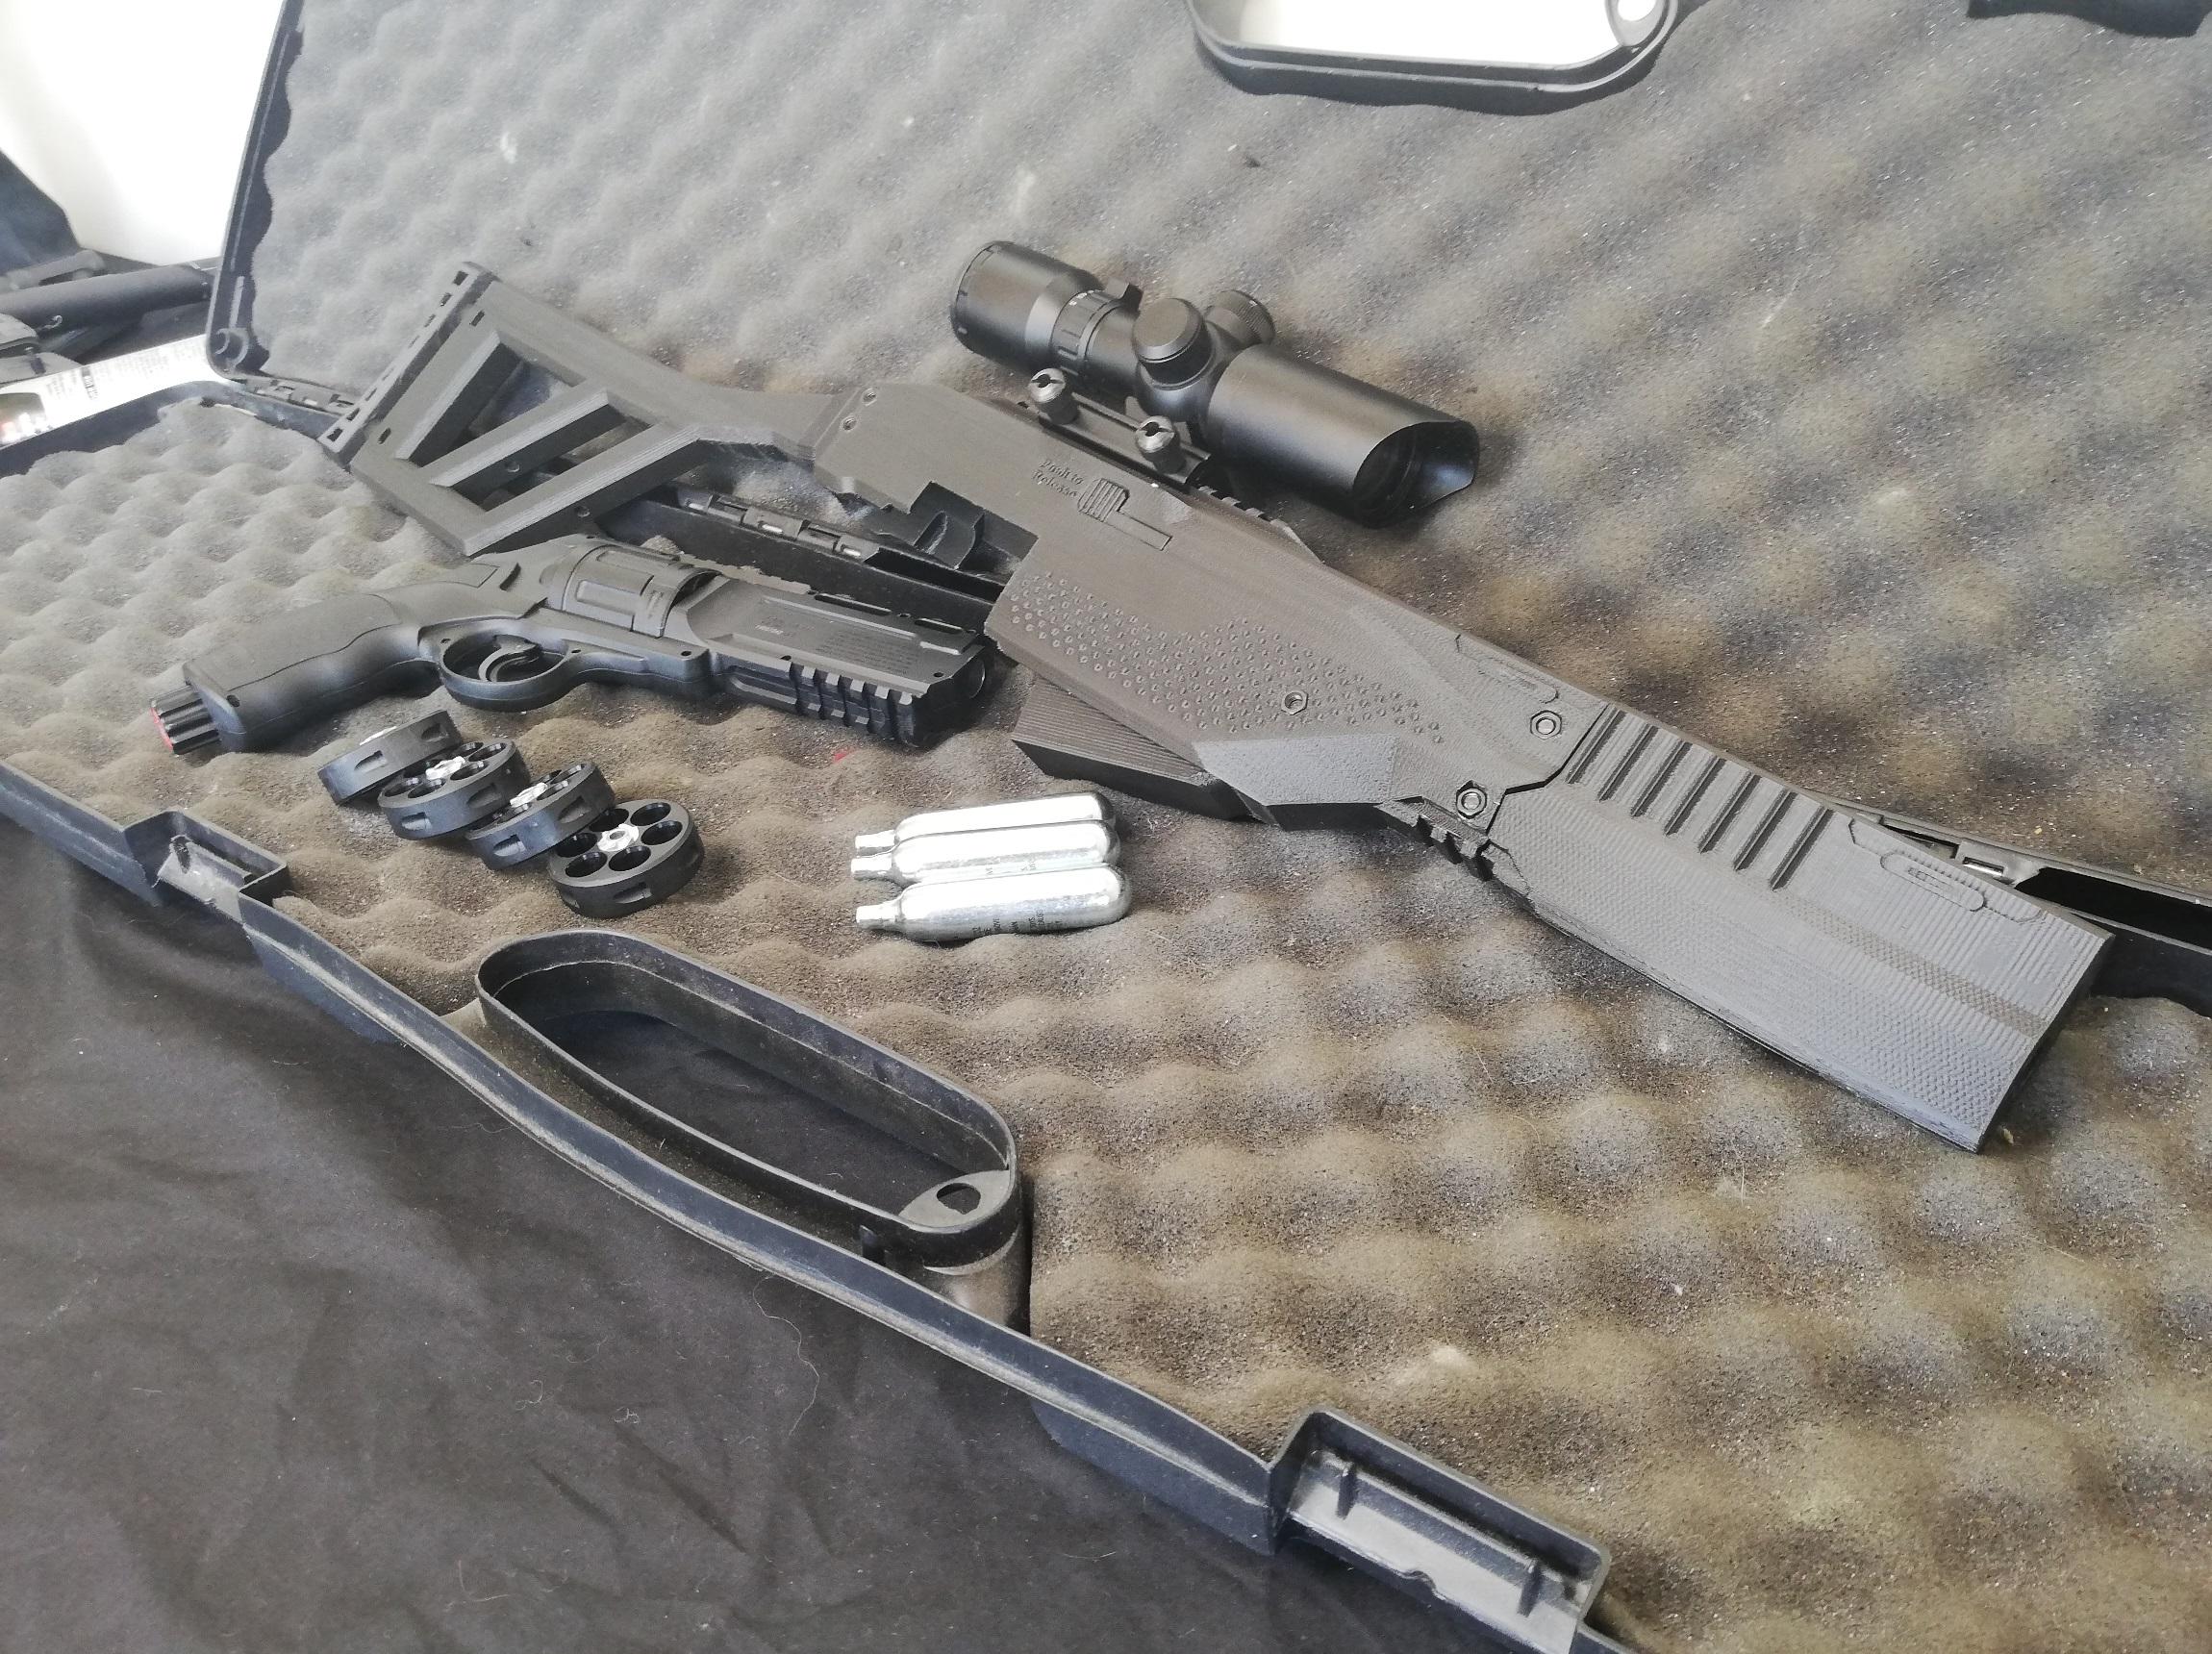 HDR 50 Marksman Rifle Kit 22